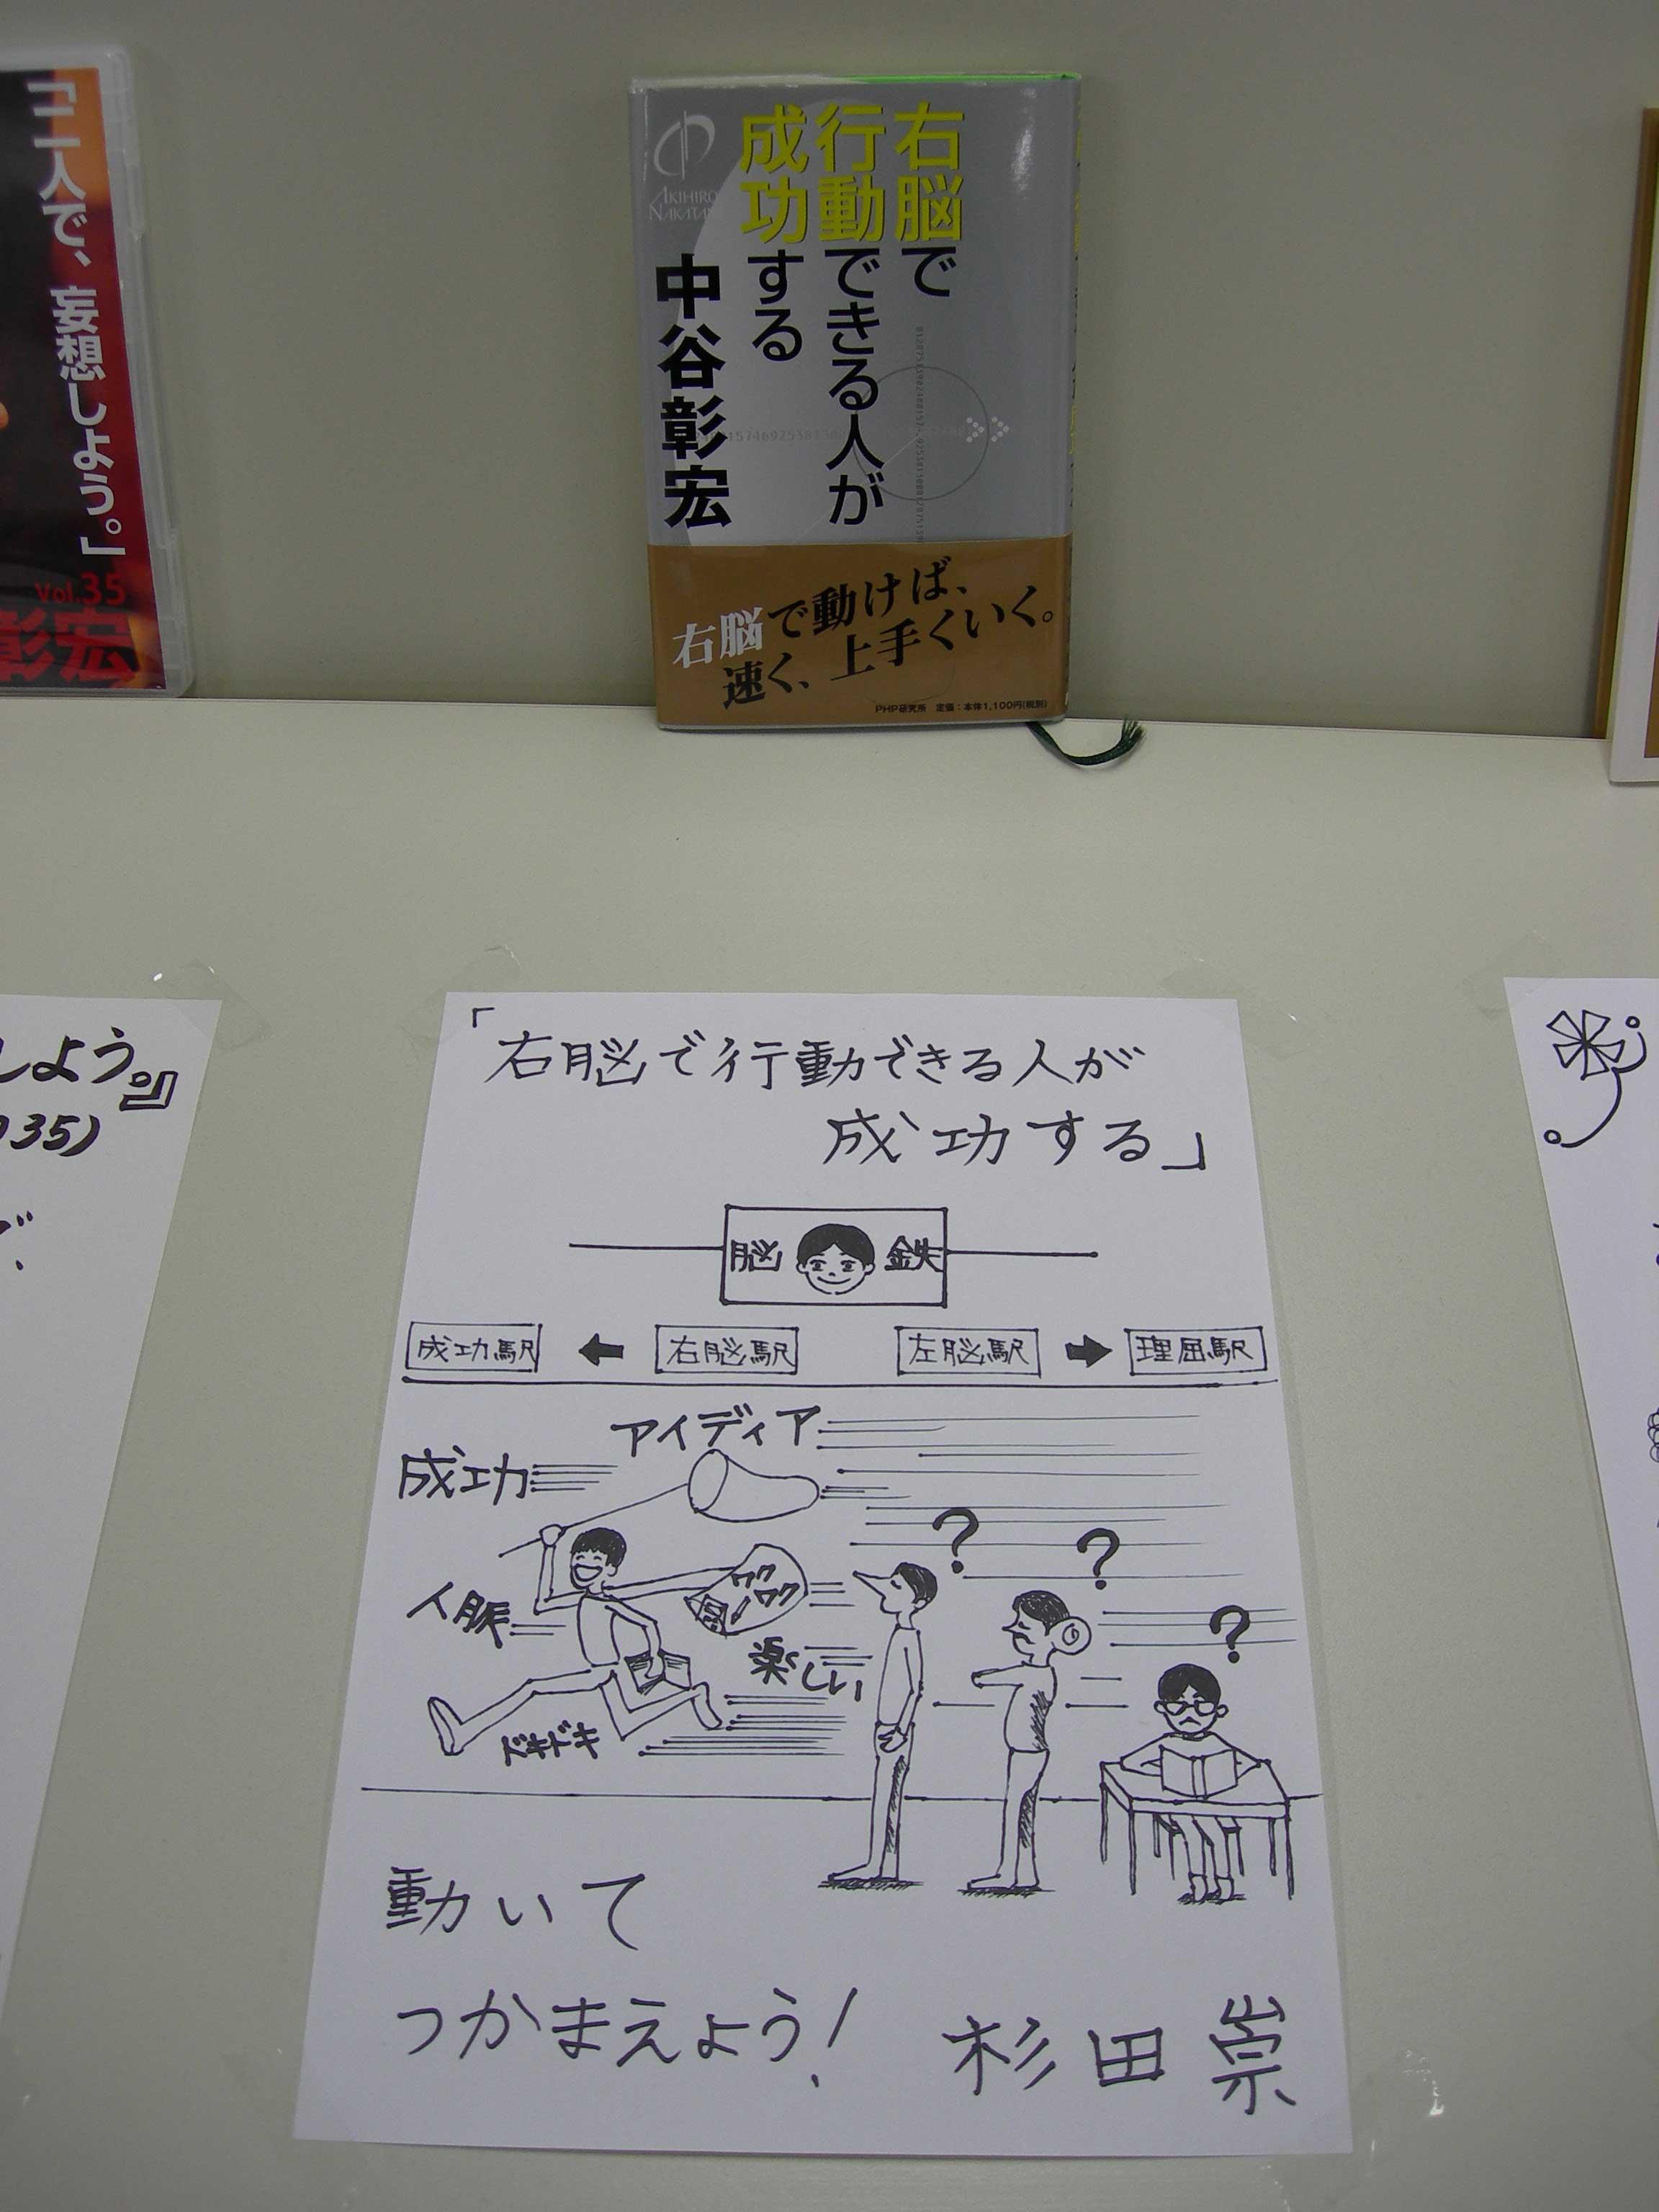 20100314_紹介文_杉田崇.jpg